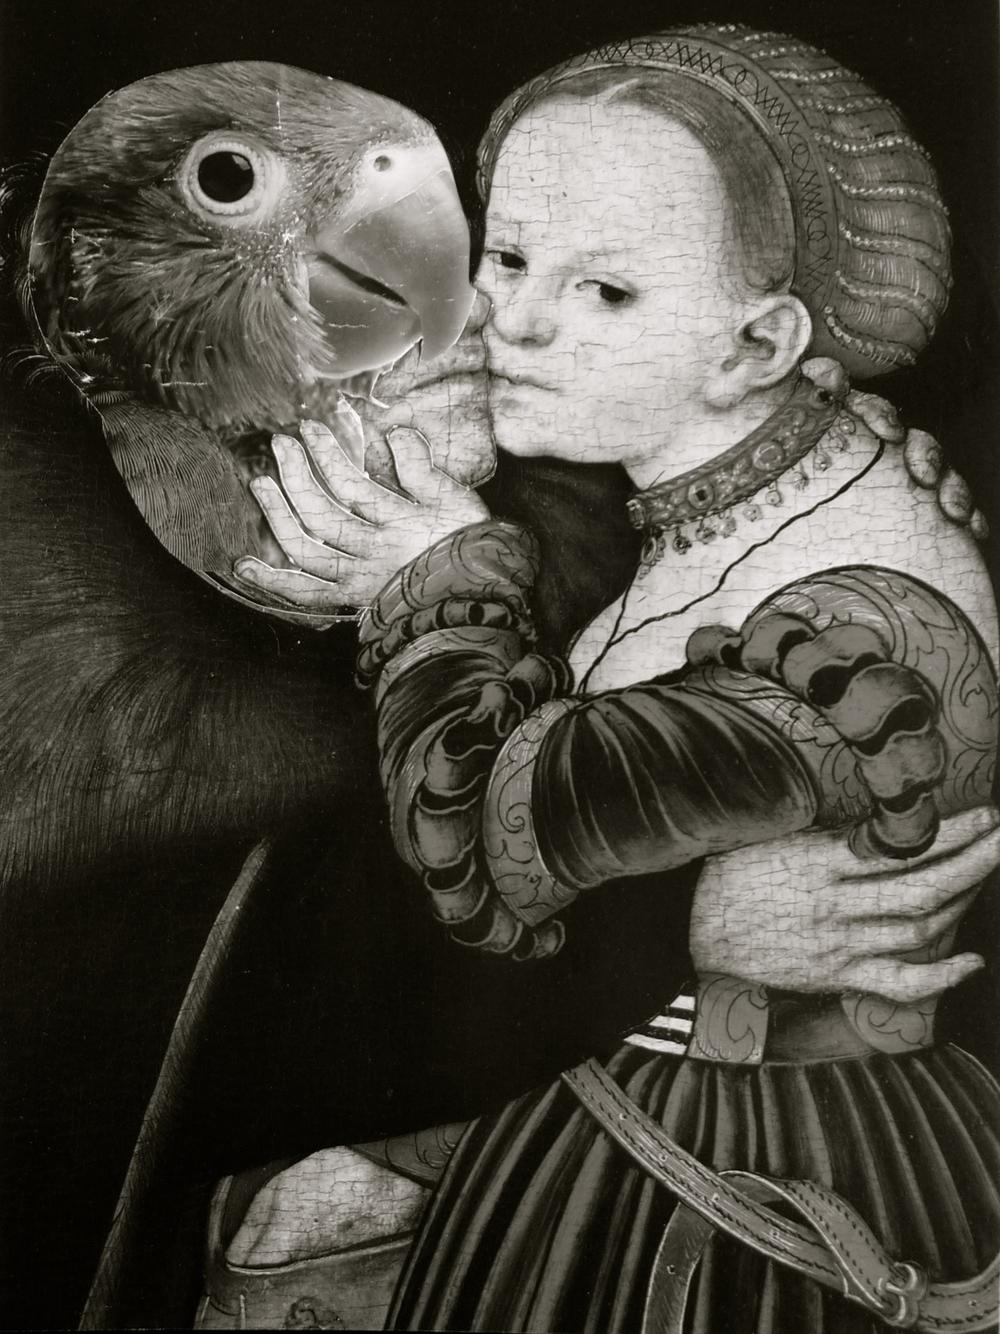 Lucas Cranacha collage loro viejo ladrona - 07